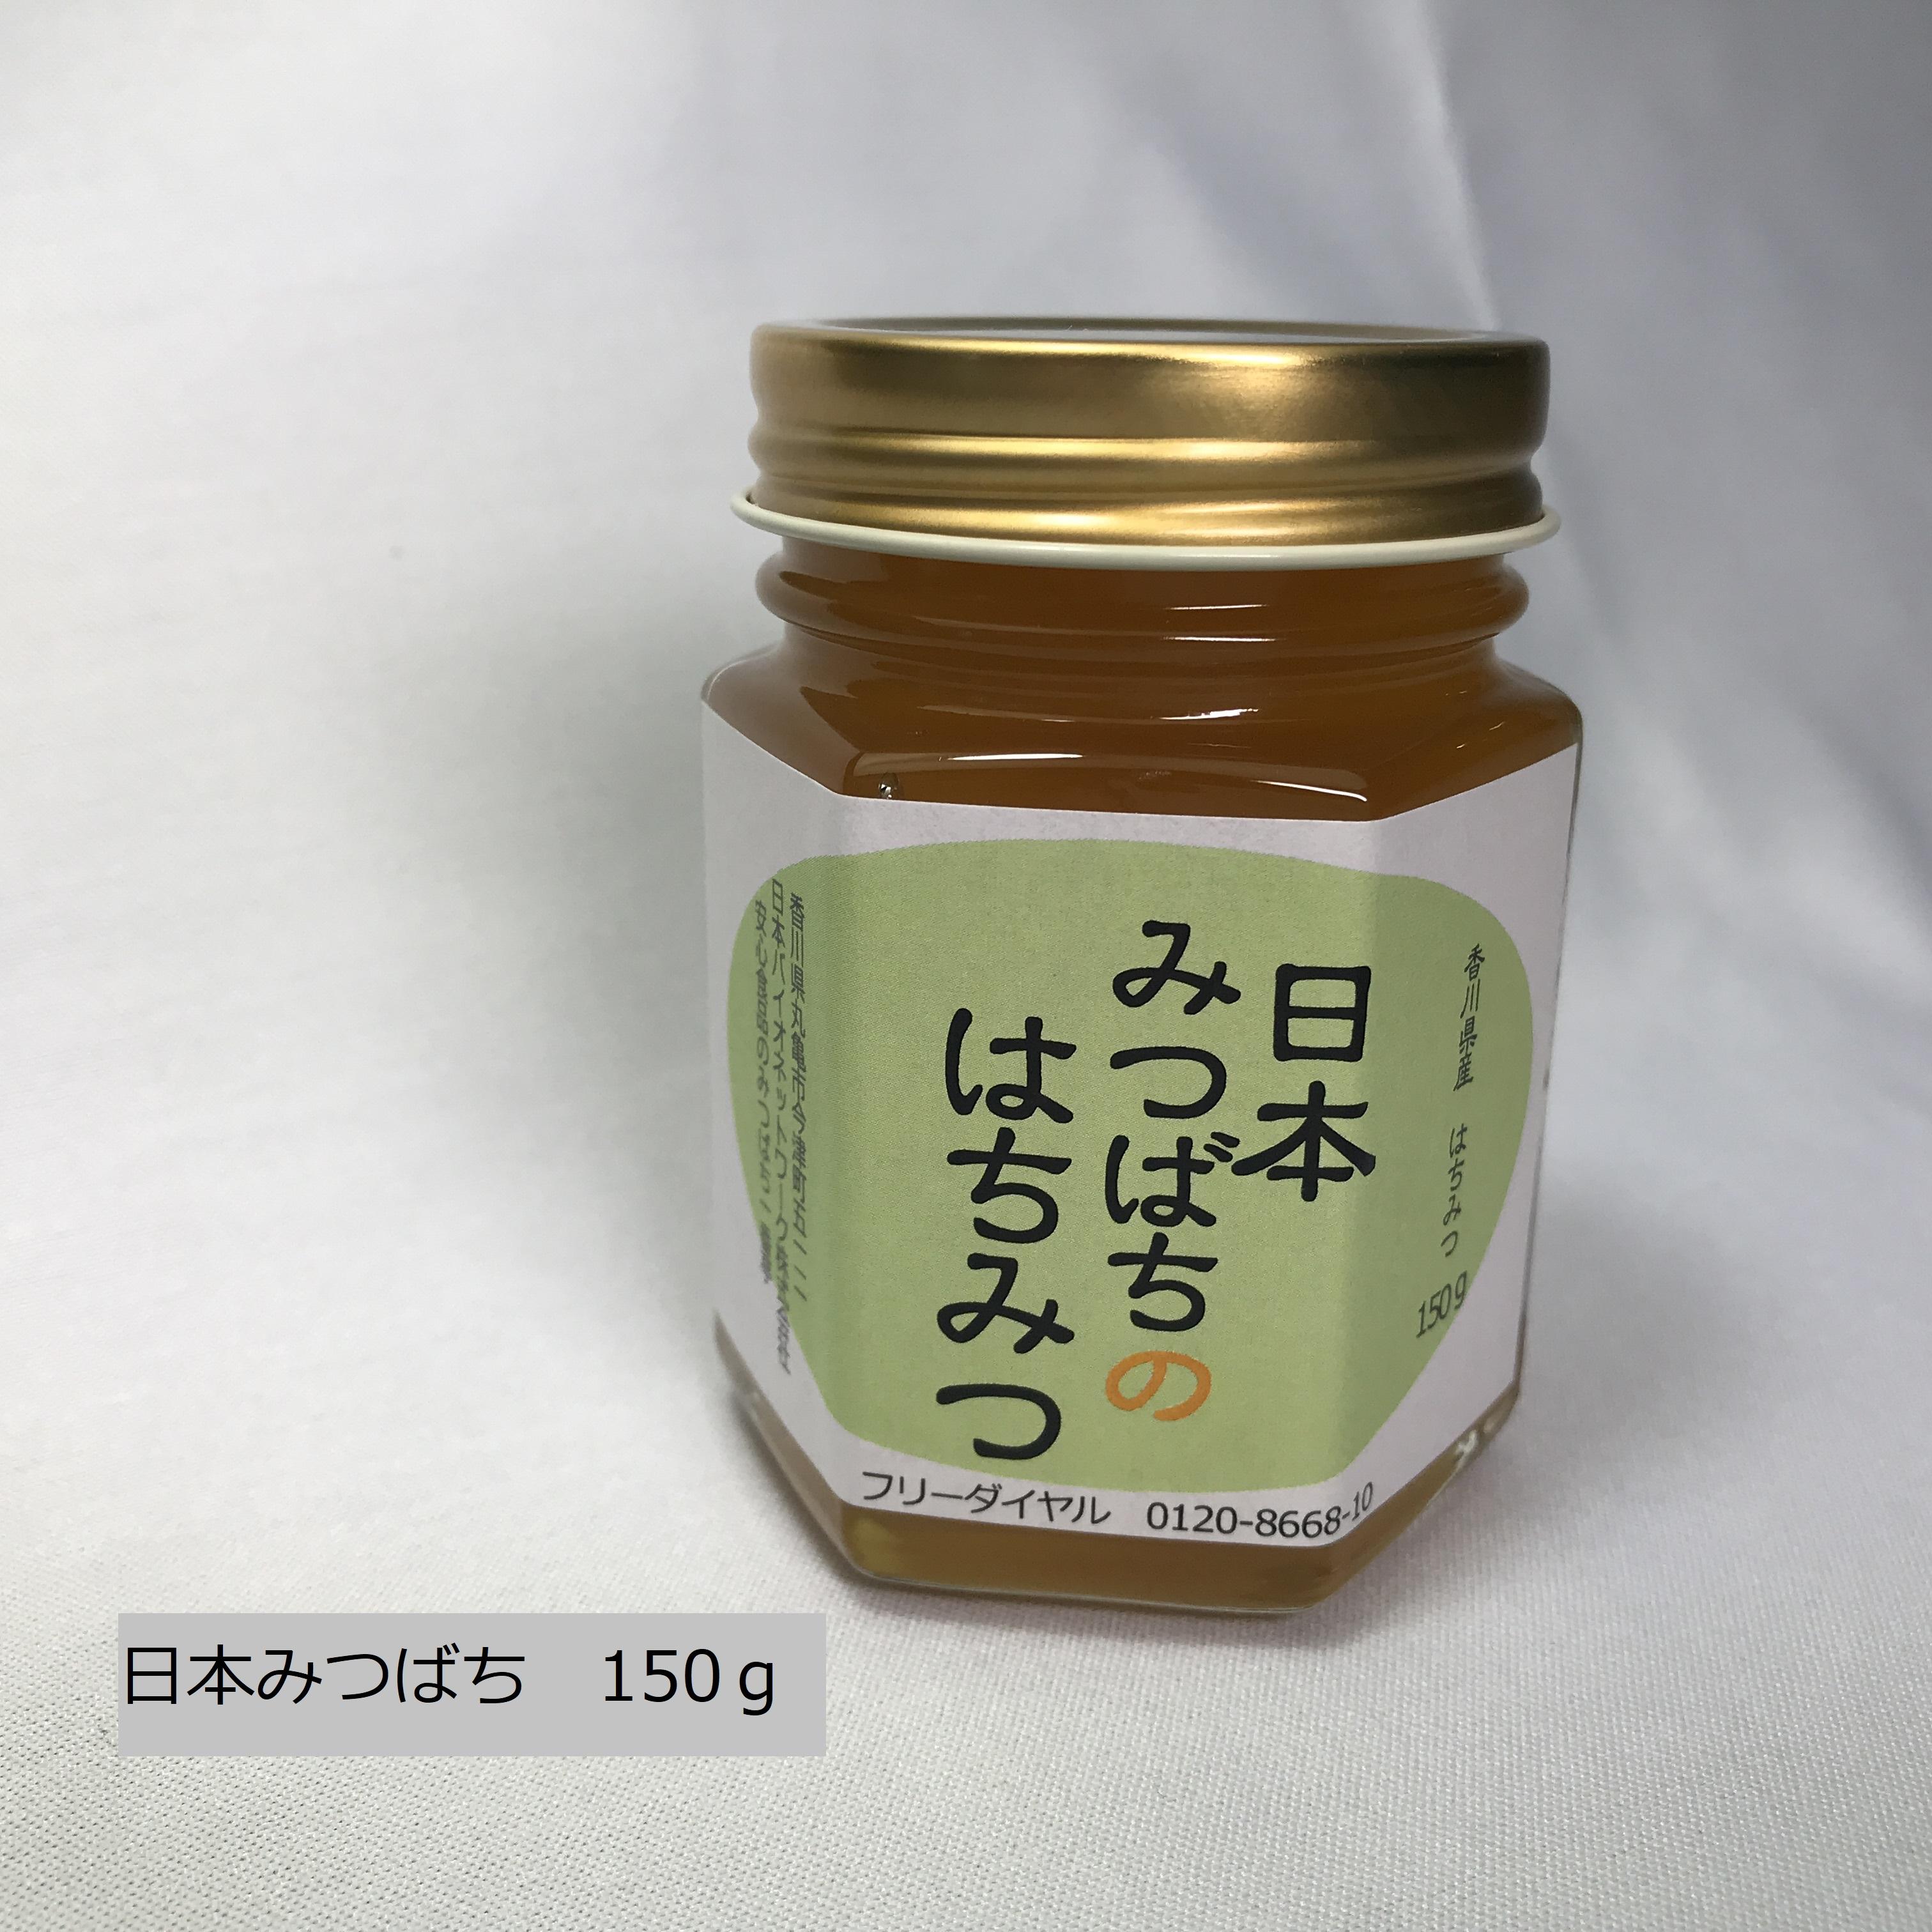 日本みつばちの百花蜜150g瓶